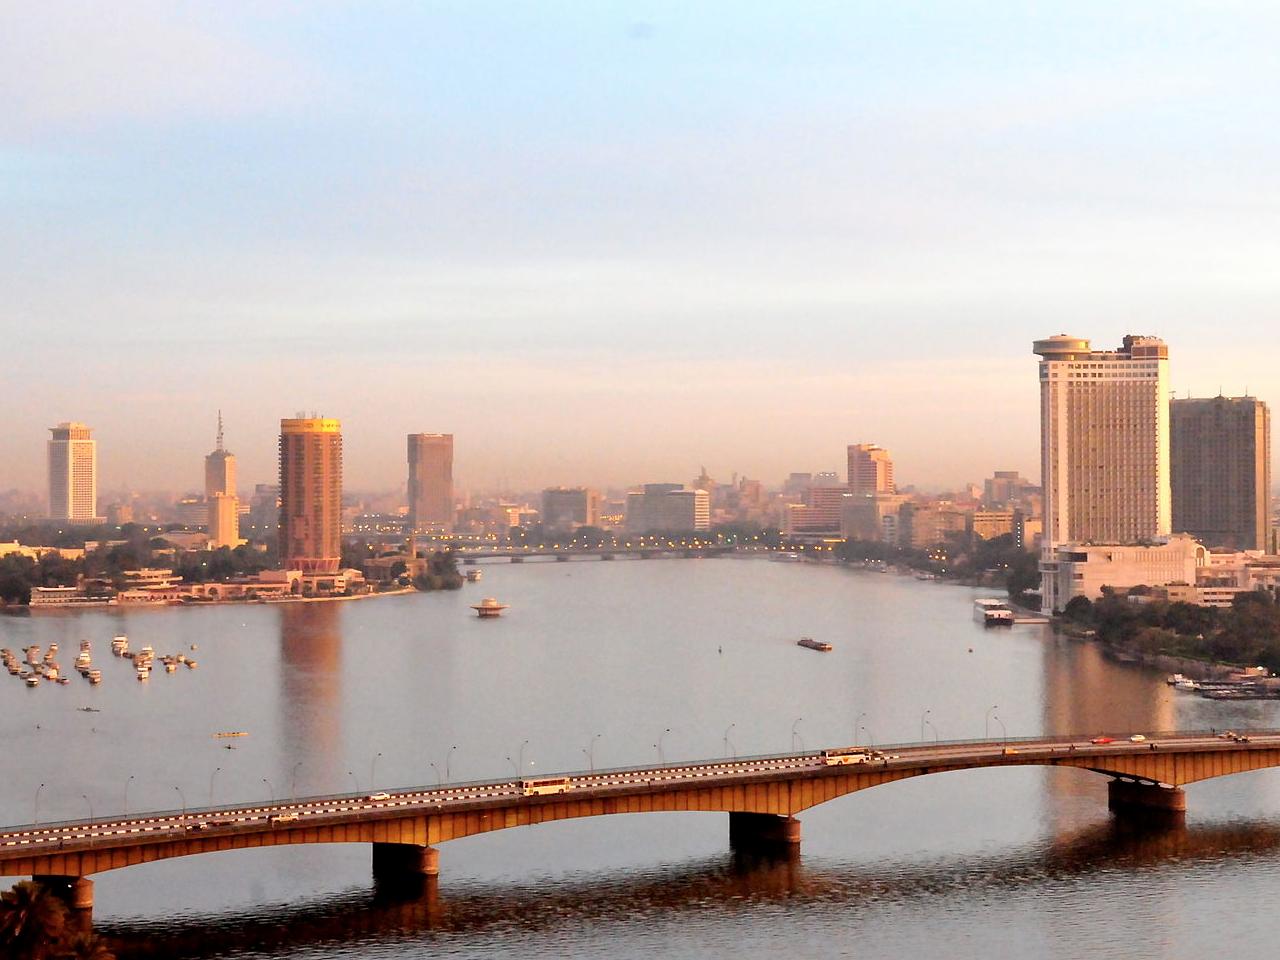 Egypte : Le géant de l'e-commerce Jumia Technologies envisage de développer ses services de livraison d'articles alimentaires dans le pays